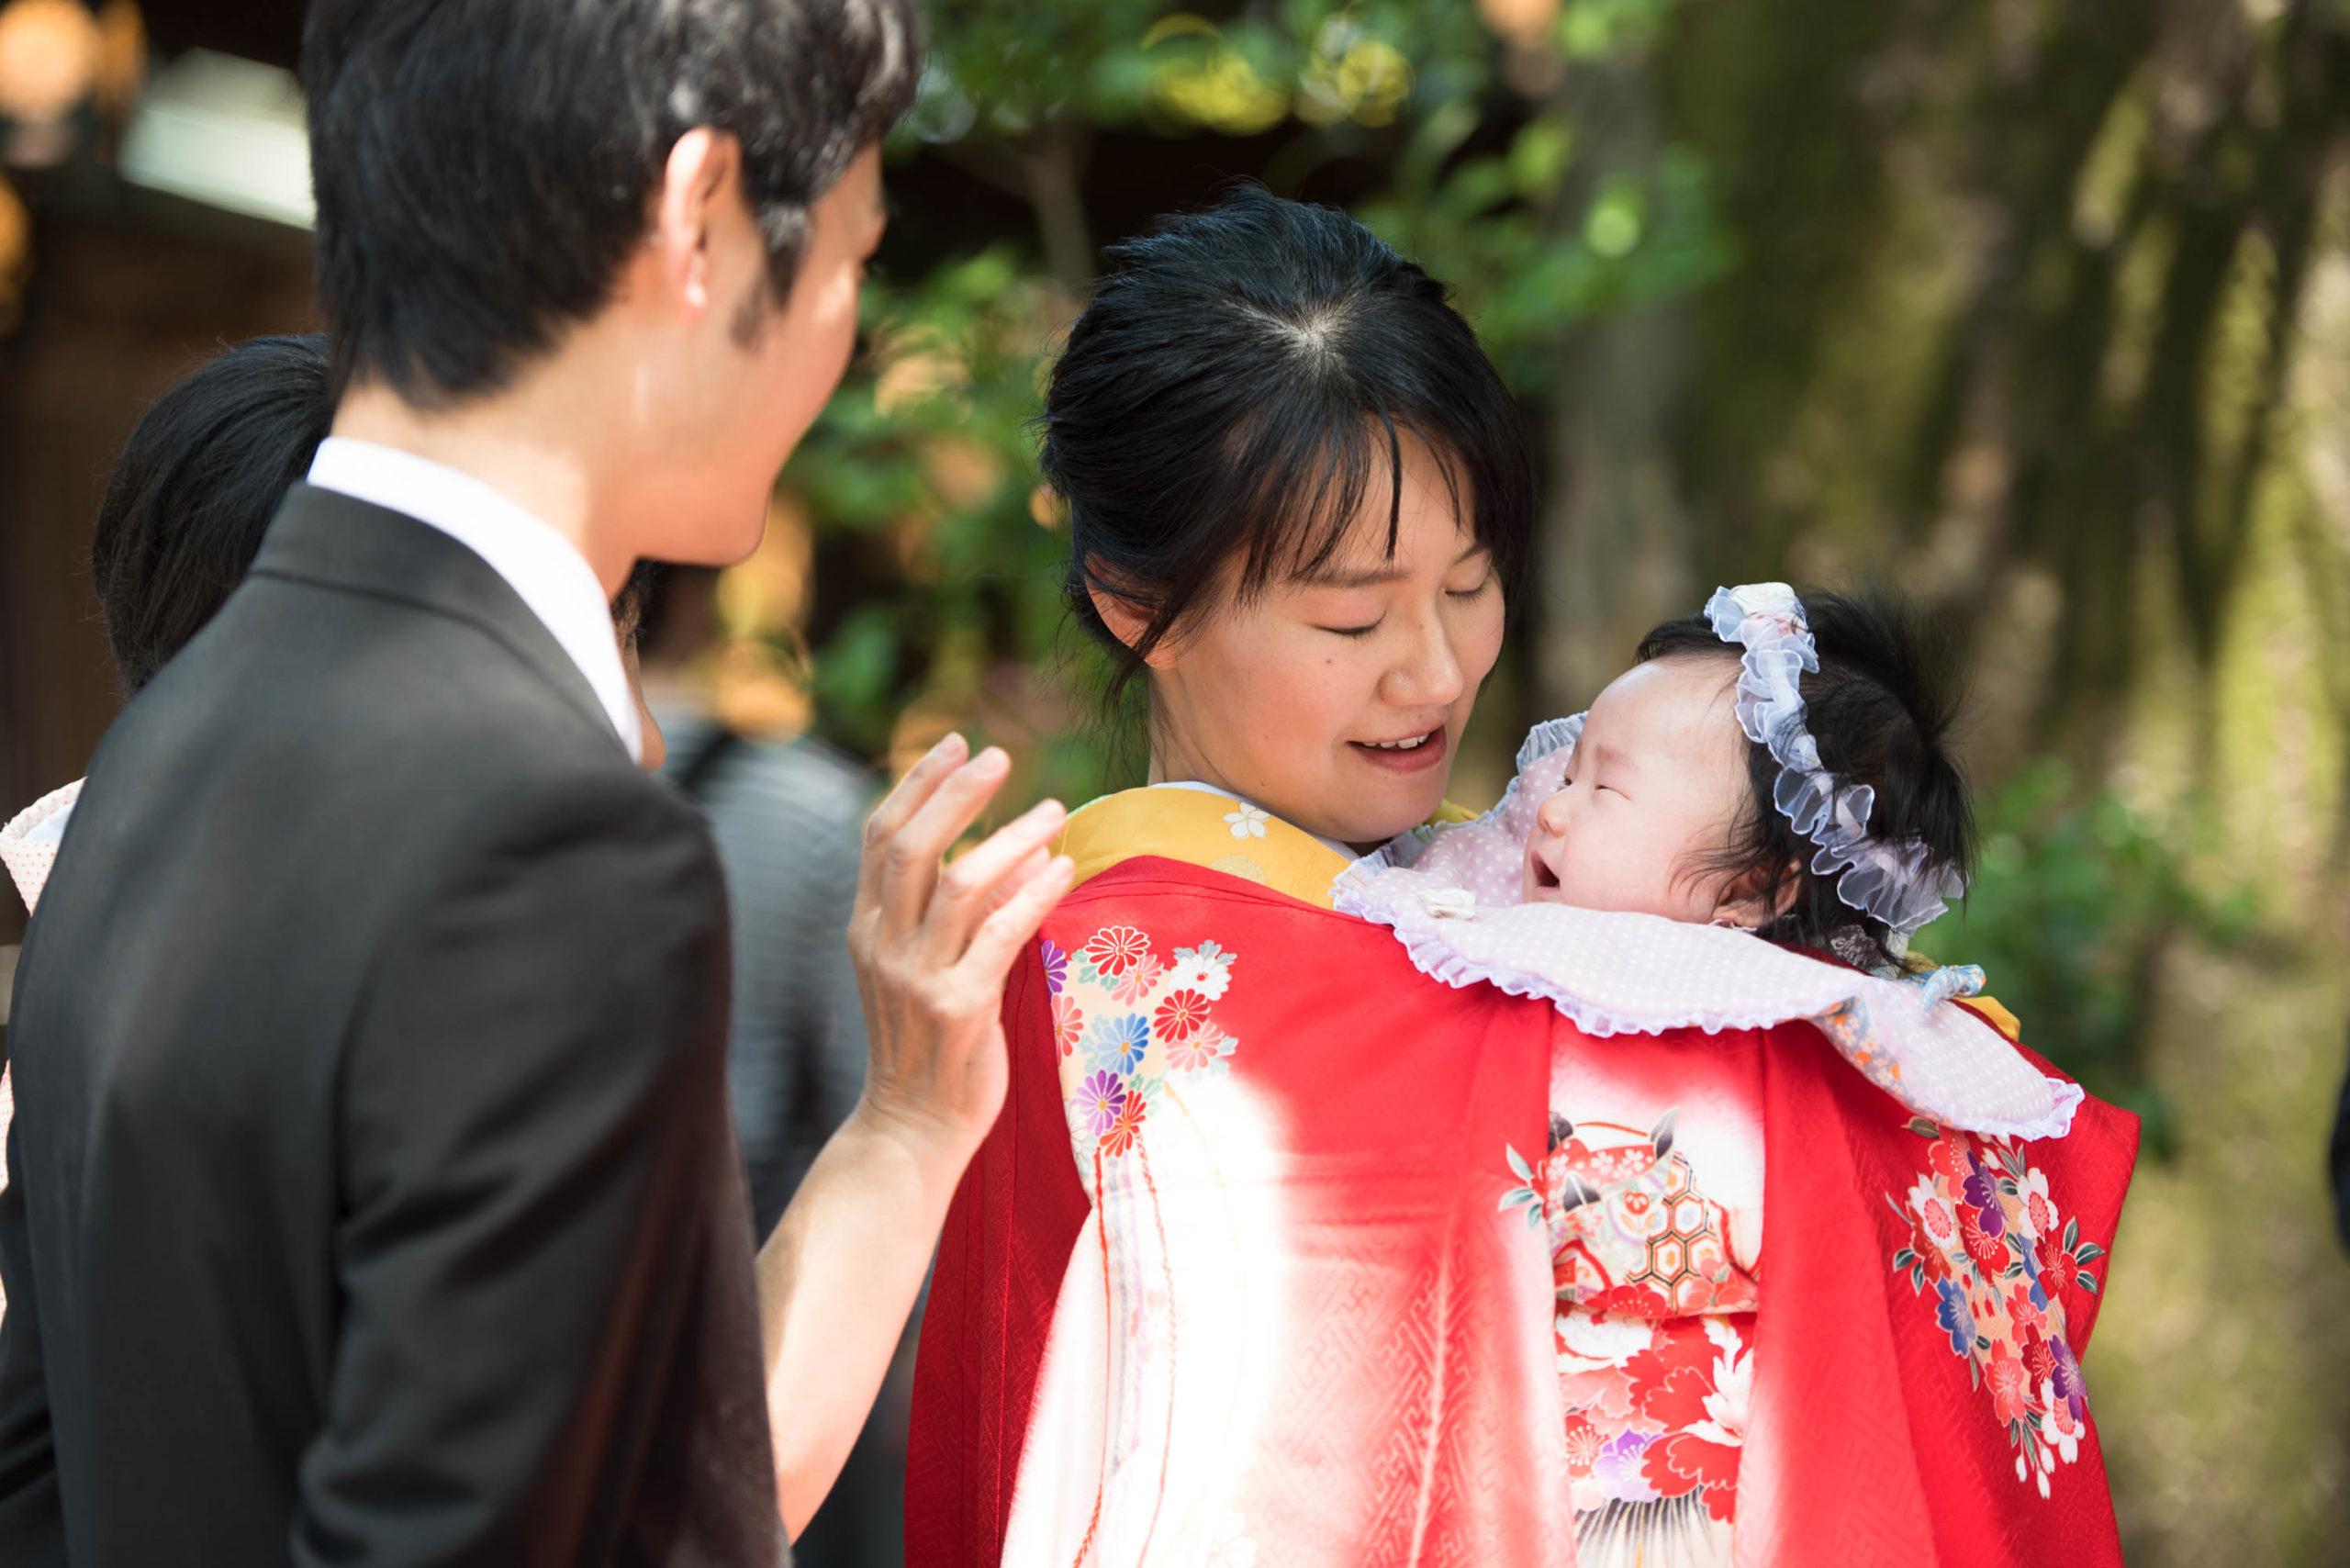 赤い掛け着を着た女性が赤ちゃんを抱いている